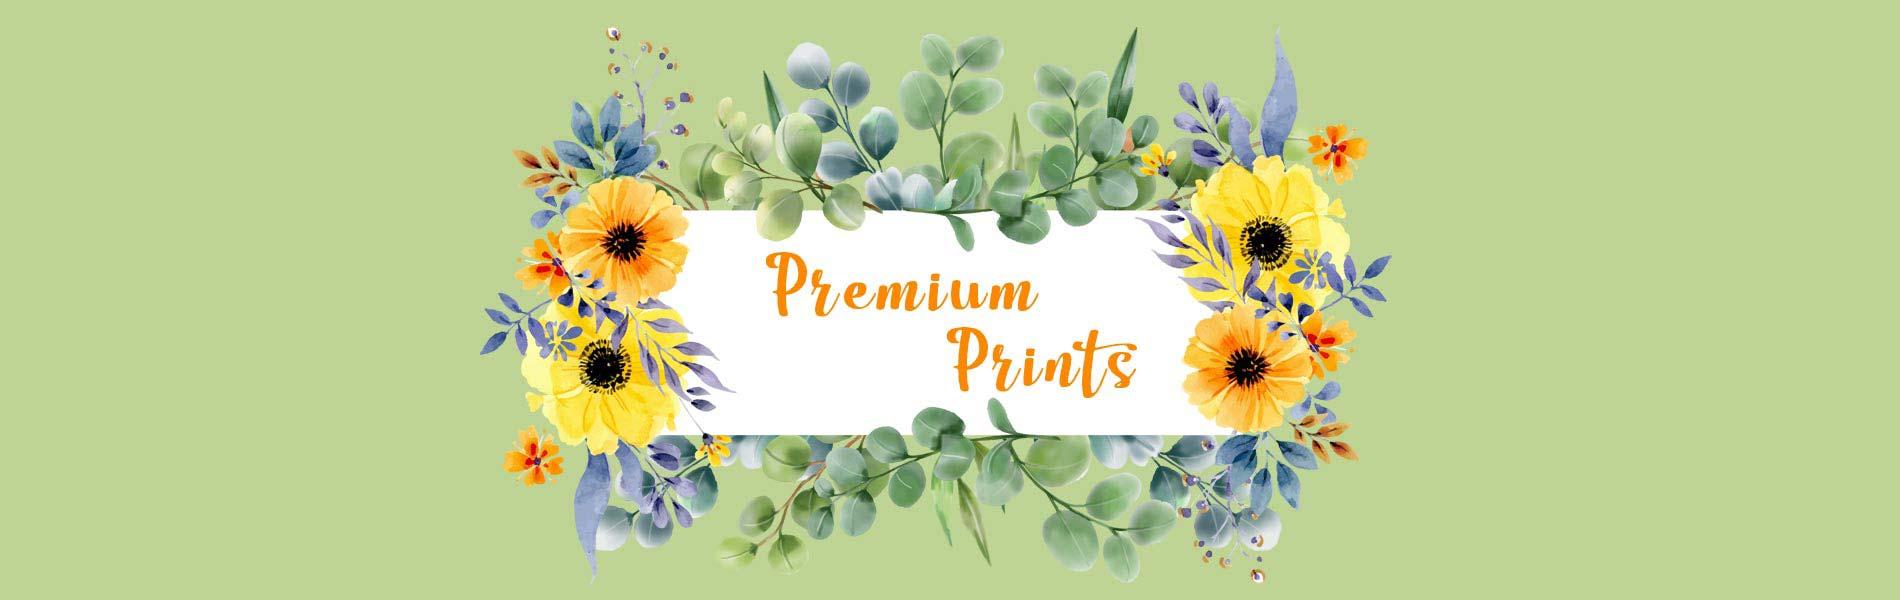 Premium Prints